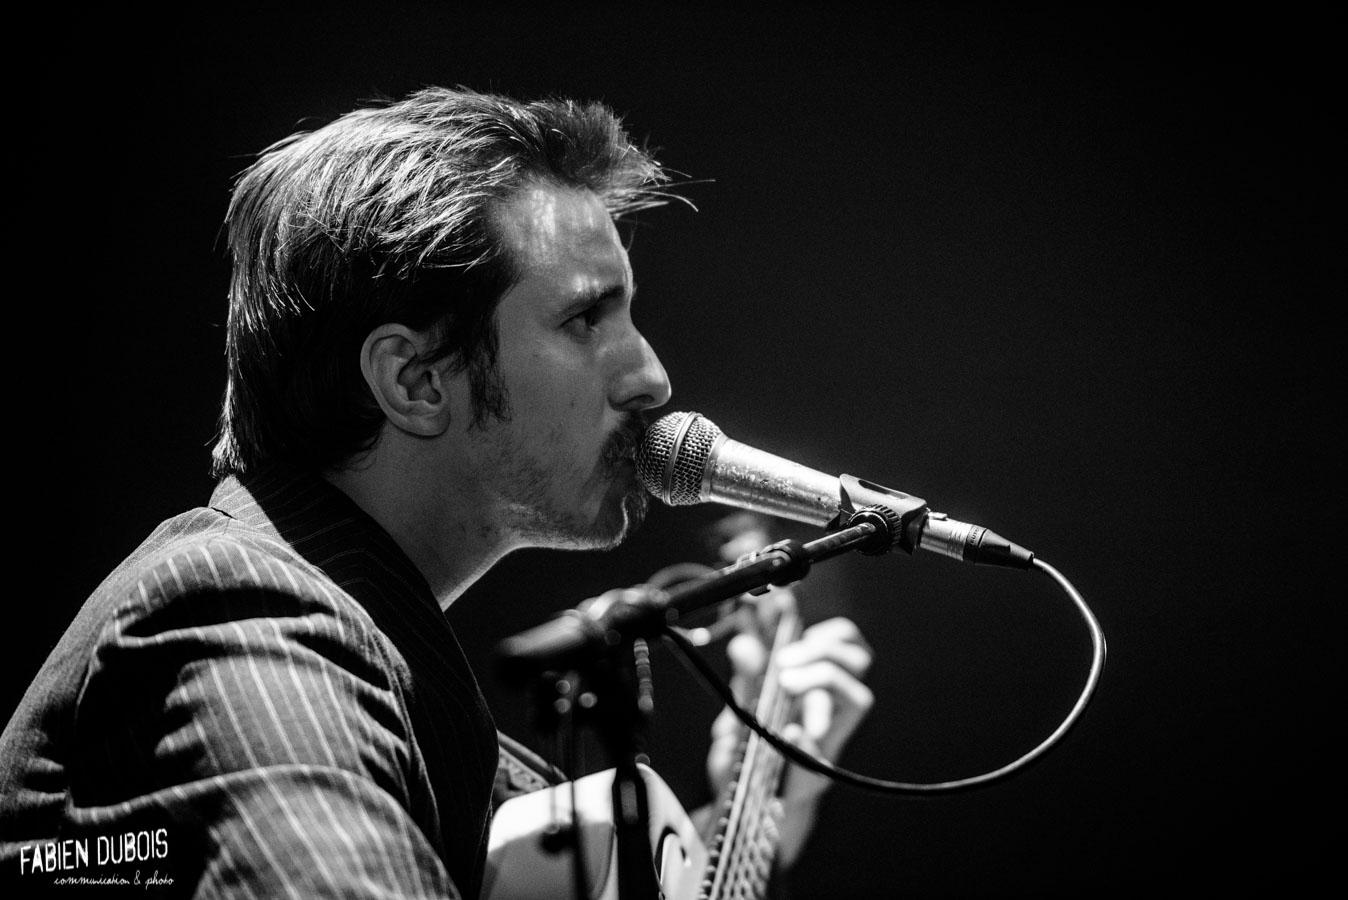 Photo William Z Villain Cave à Musique Cavazik Mâcon 2017